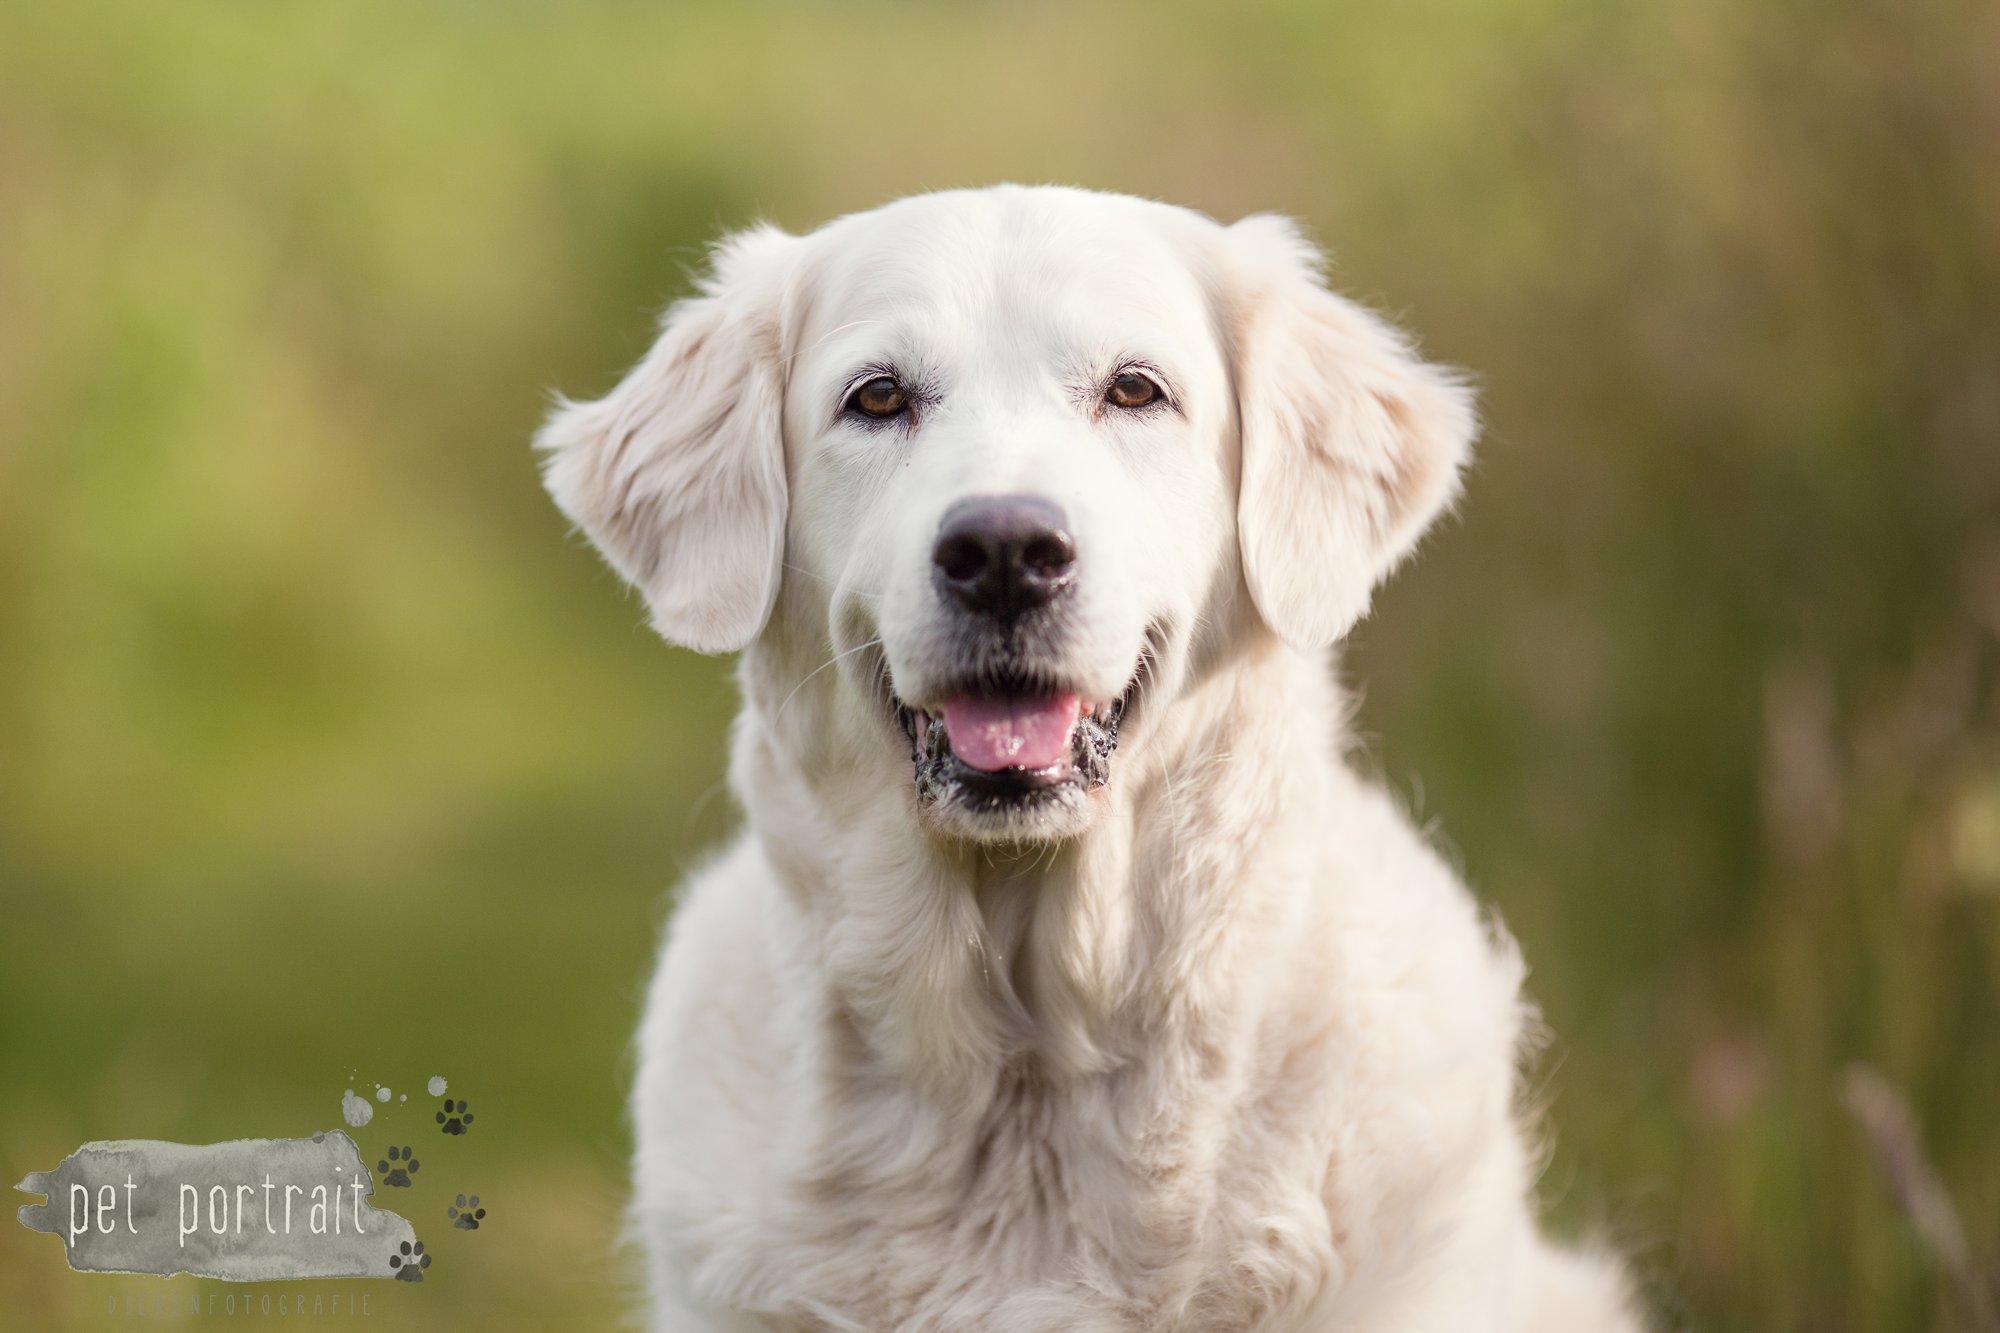 Hondenfotograaf Soest - Dier en Baasje fotoshoot in de Soesterduinen-2